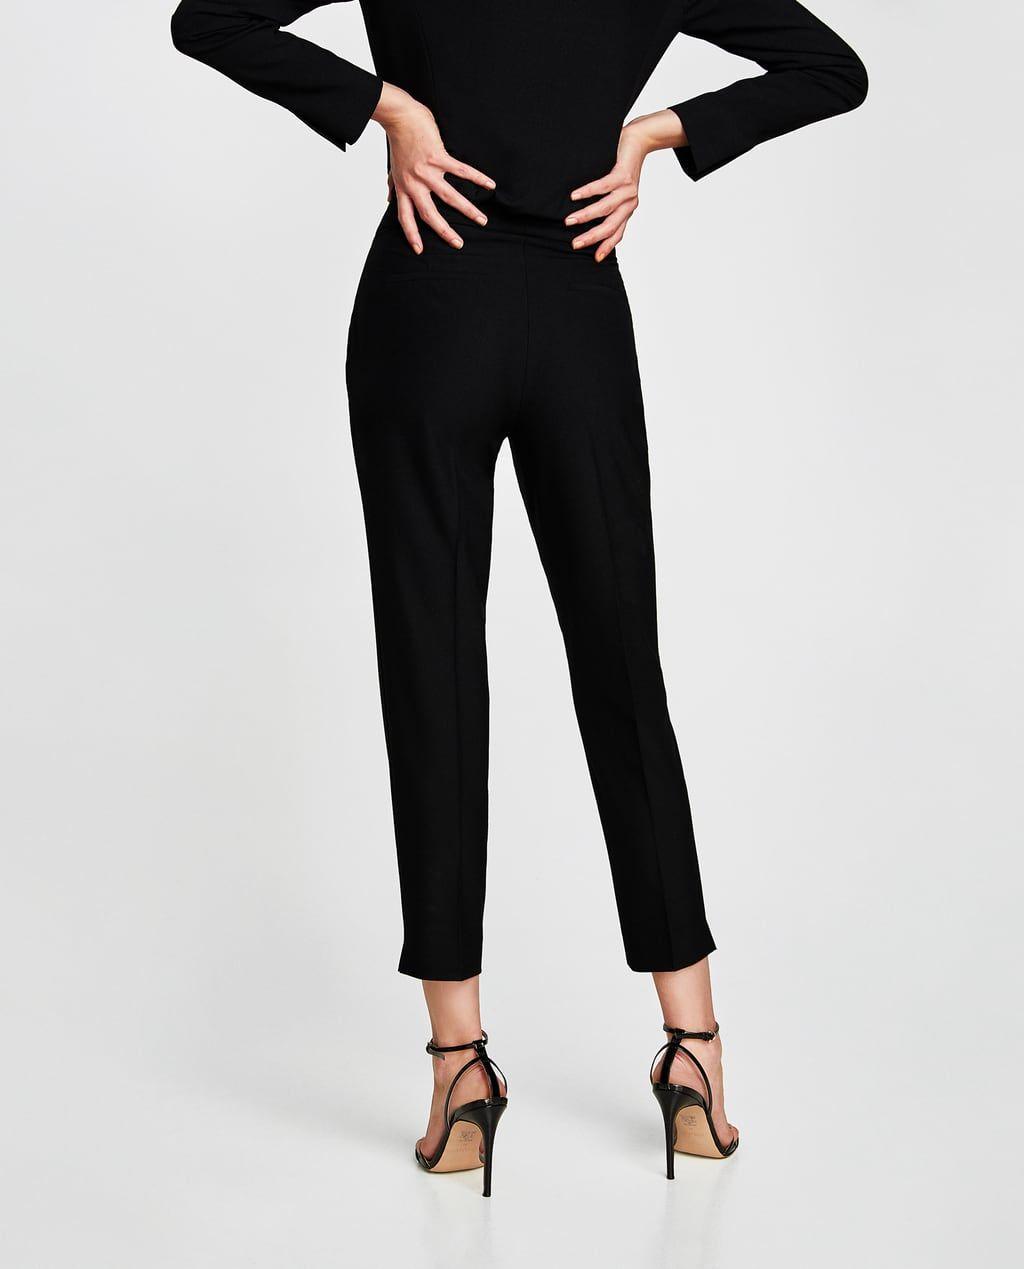 Pantalon Tiro Alto Pantalones De Vestir Pantalones Mujer Zara Espana Pantalon Tiro Alto Pantalones Pantalones De Vestir